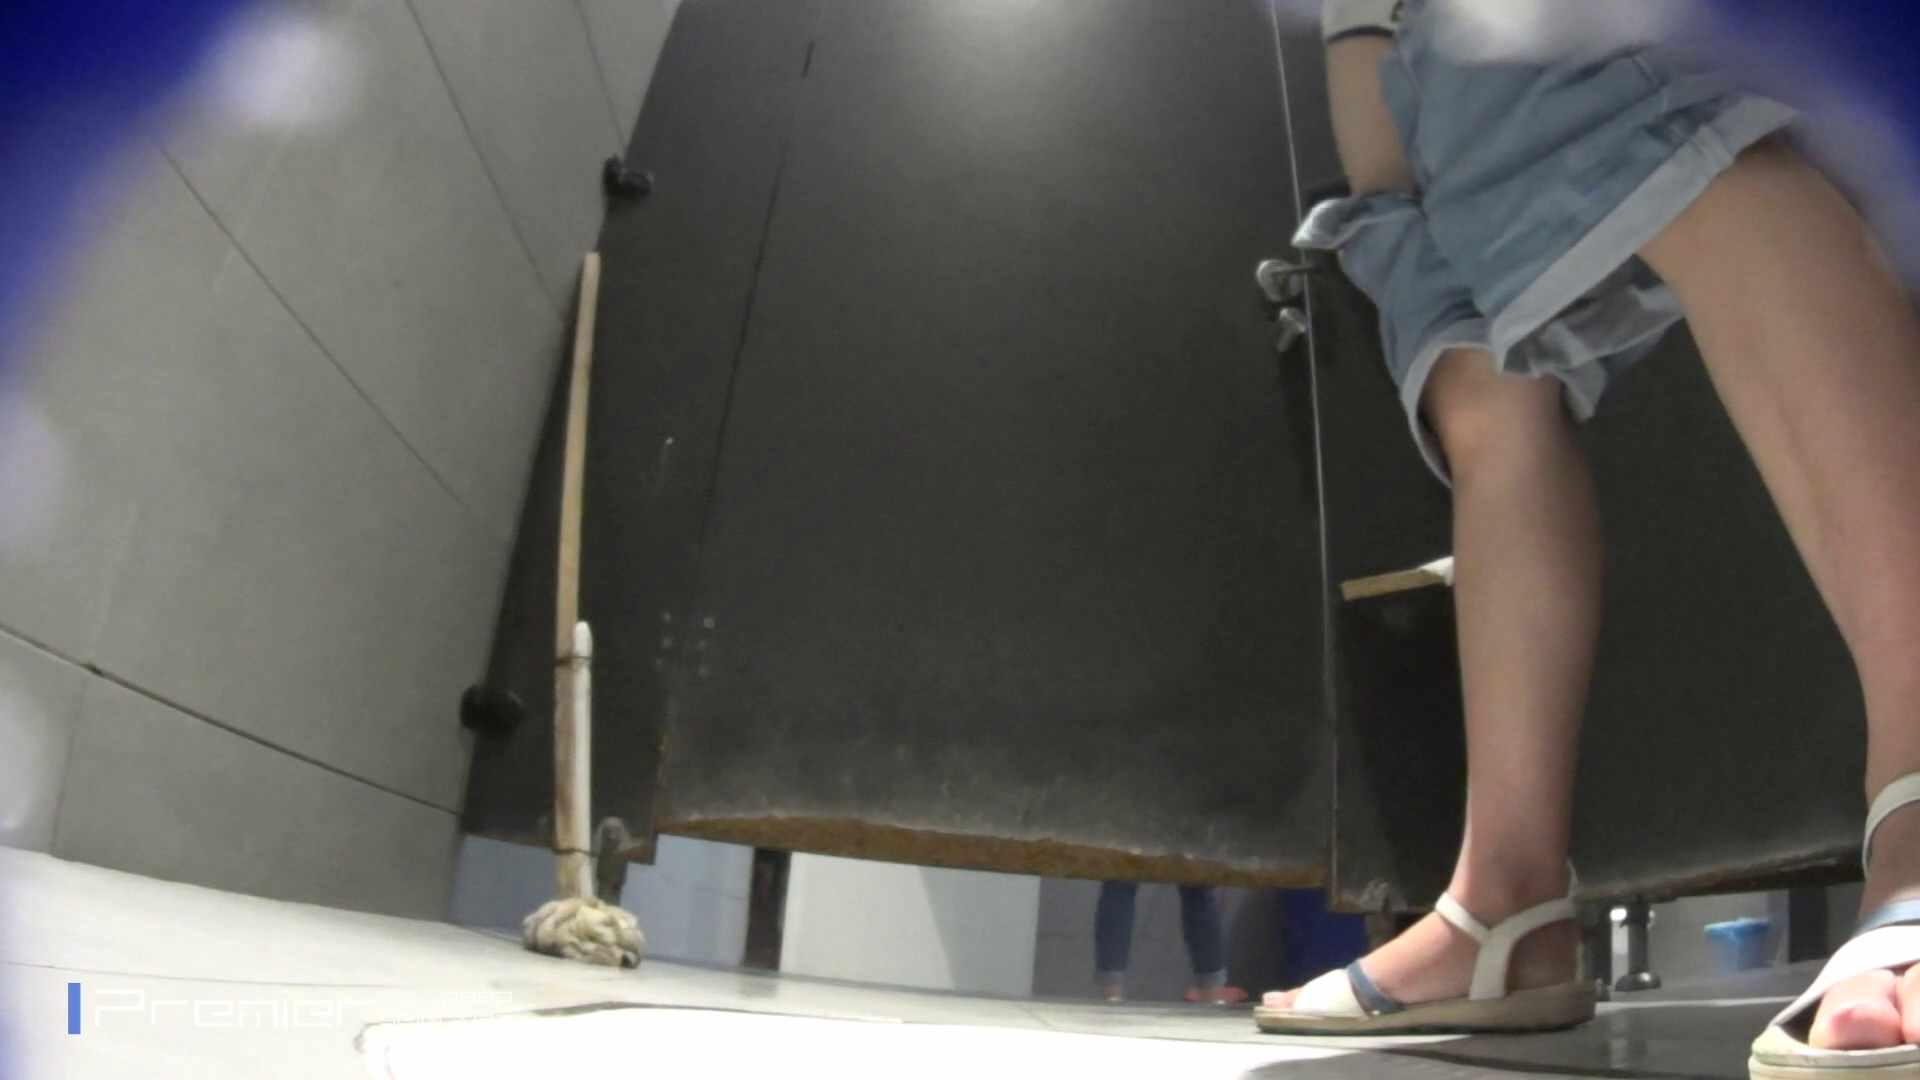 個室のドアを開けたまま放nyoする乙女 大学休憩時間の洗面所事情85 乙女  70PIX 17